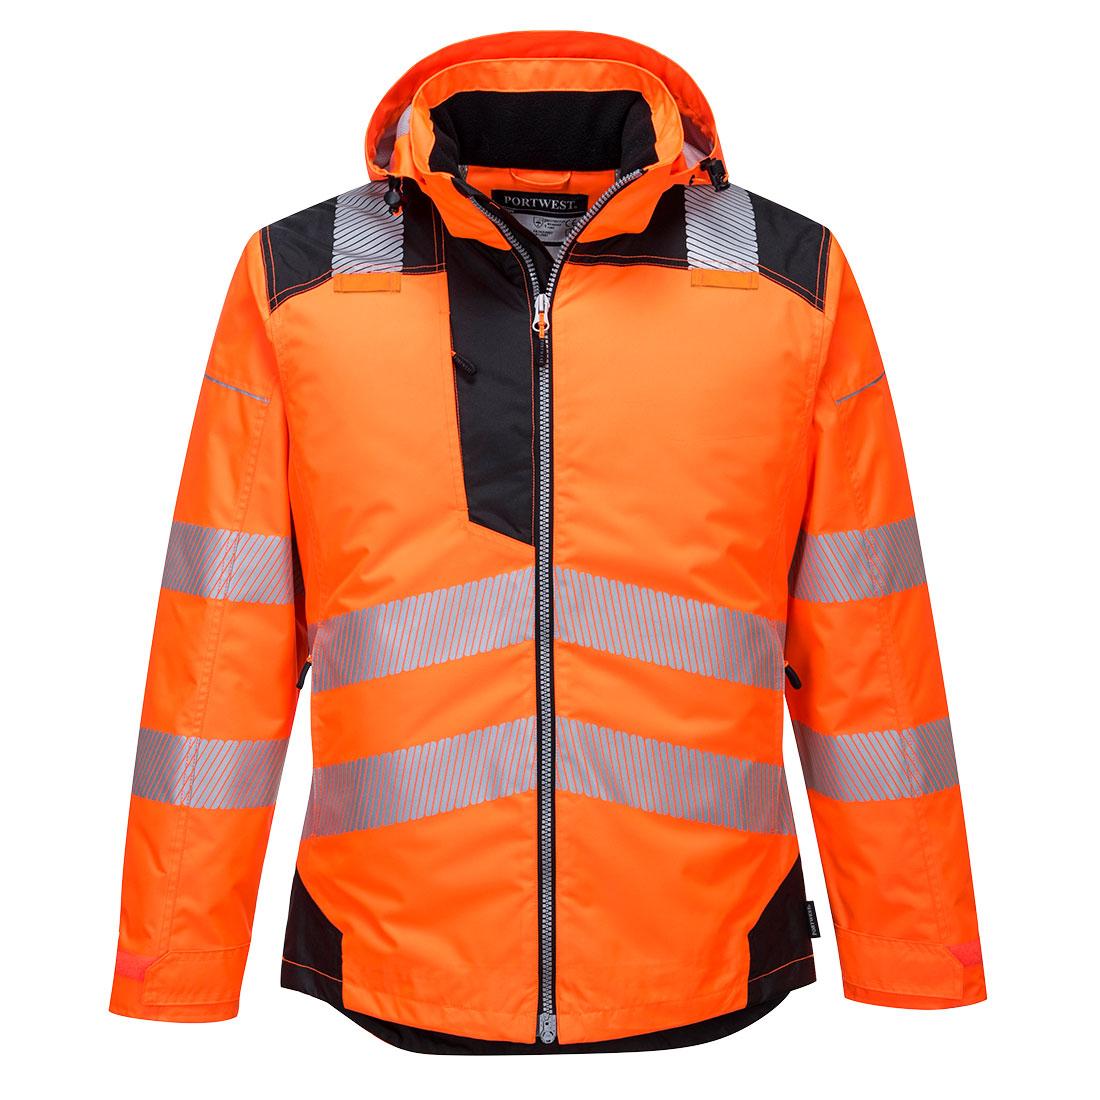 Portwest Hi-Vis Winter Jacket